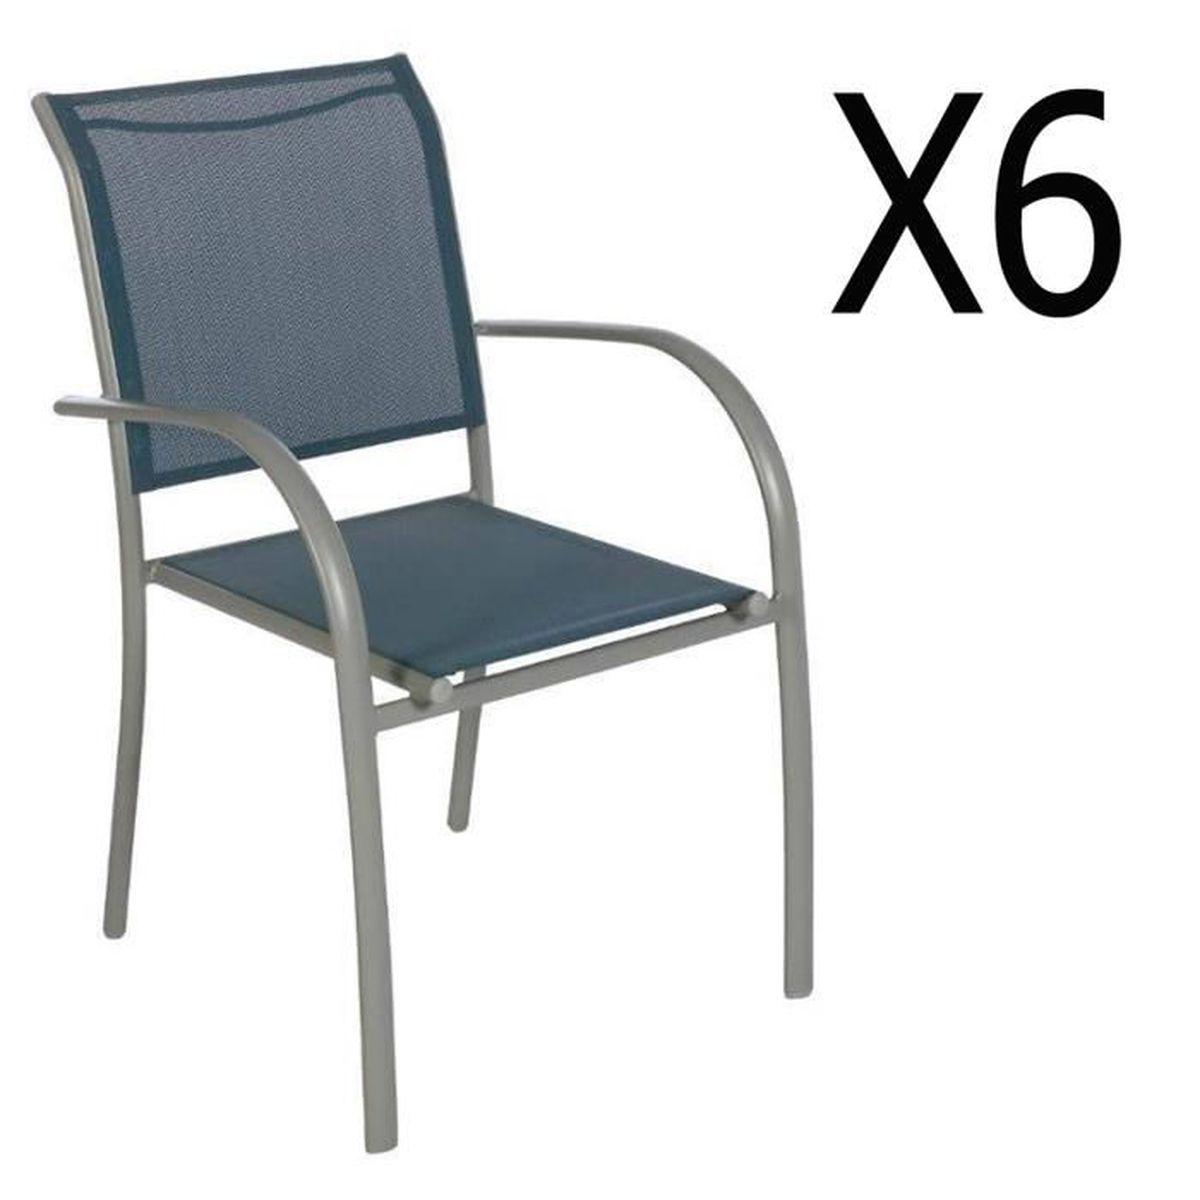 Chaise Jardin - chaise bois leroy merlin chaise jardin bois, chaise ...